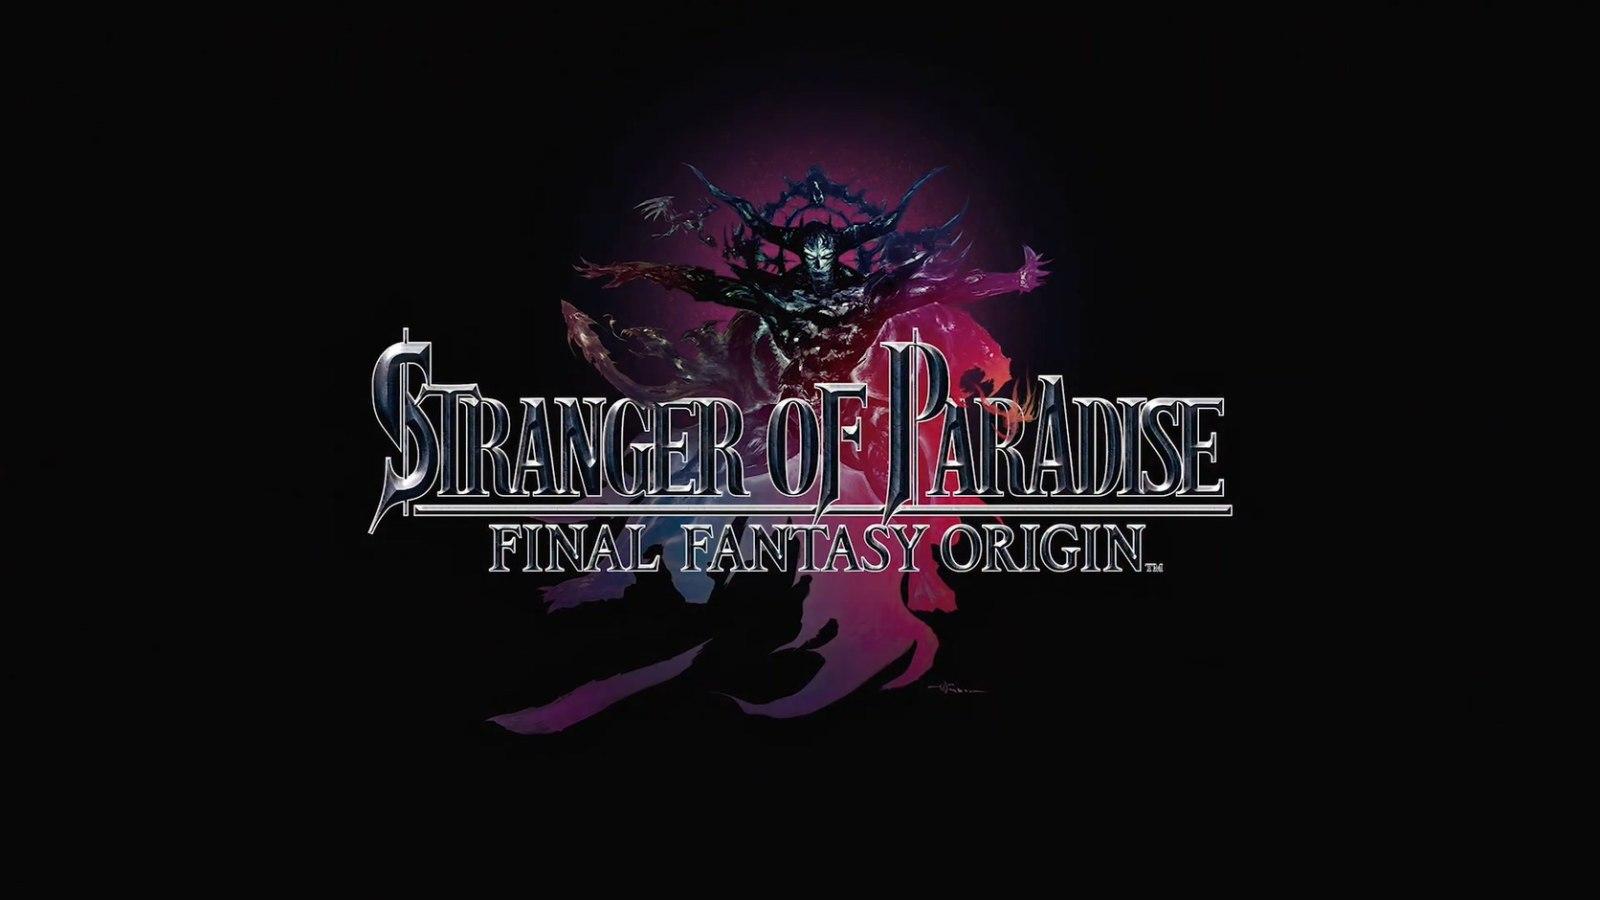 《最终幻想 Origin:Stranger Of Paradise》正式公开,SE发布会资讯汇总